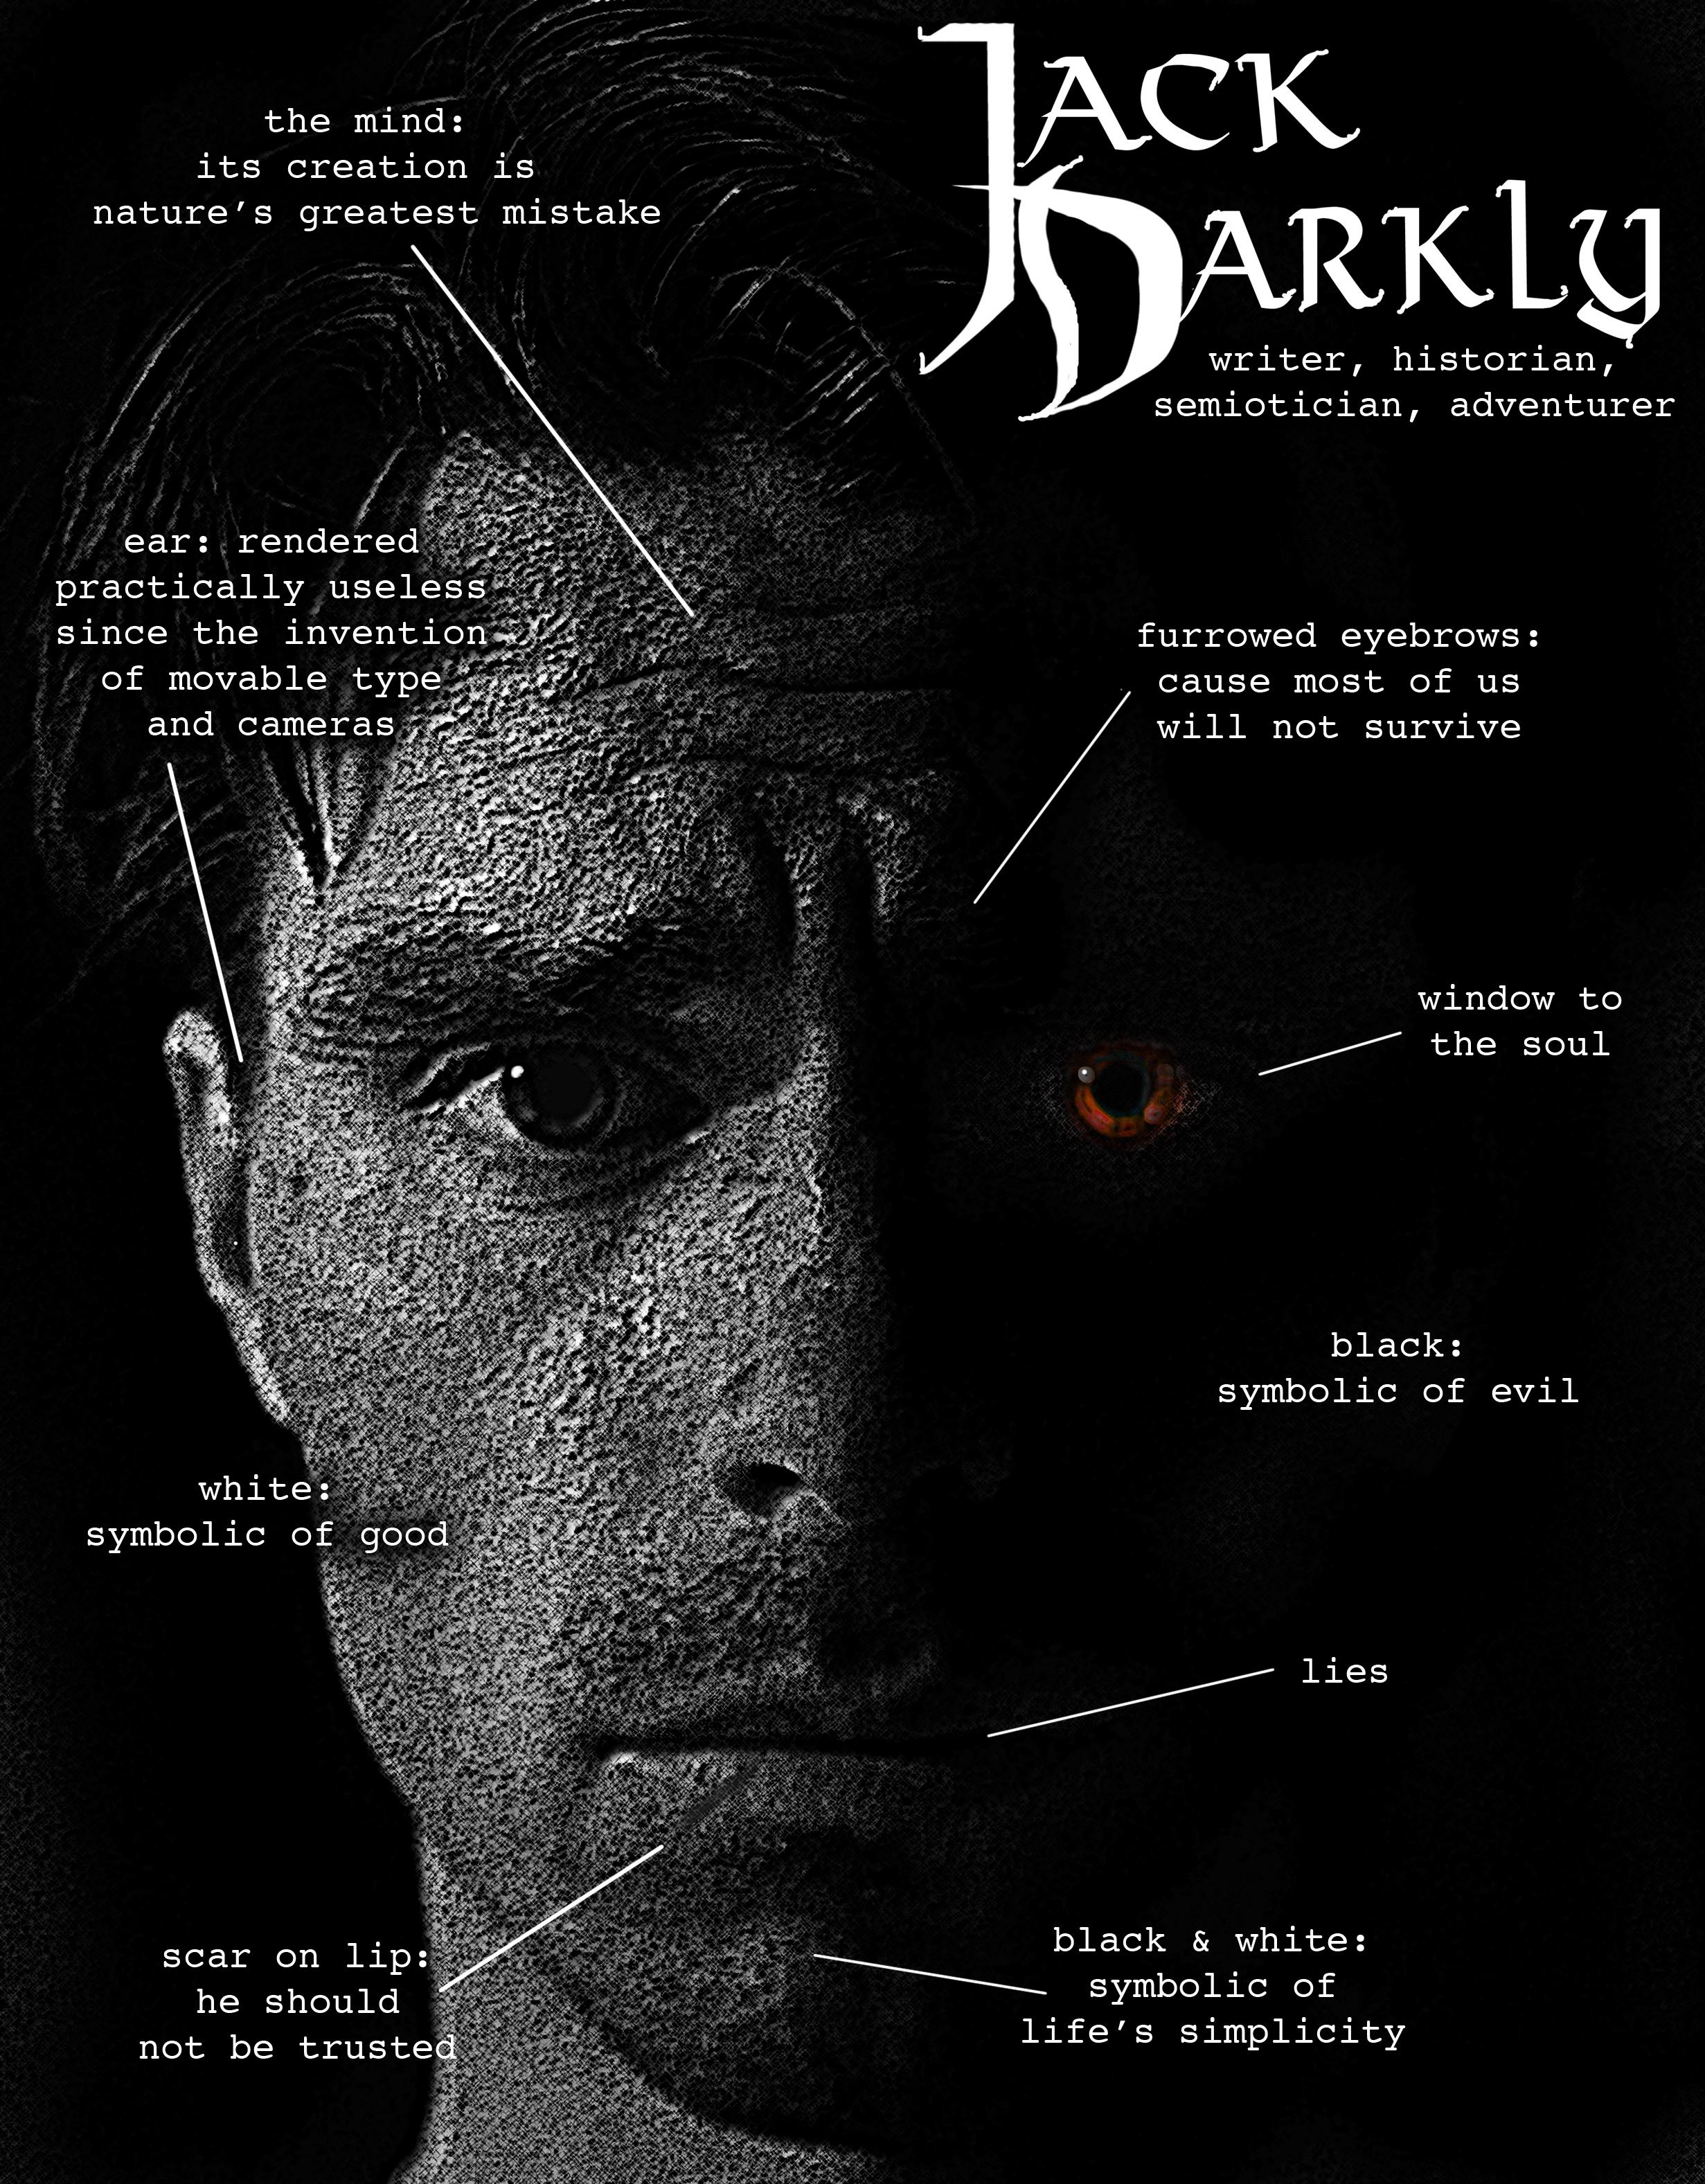 JackDarkly